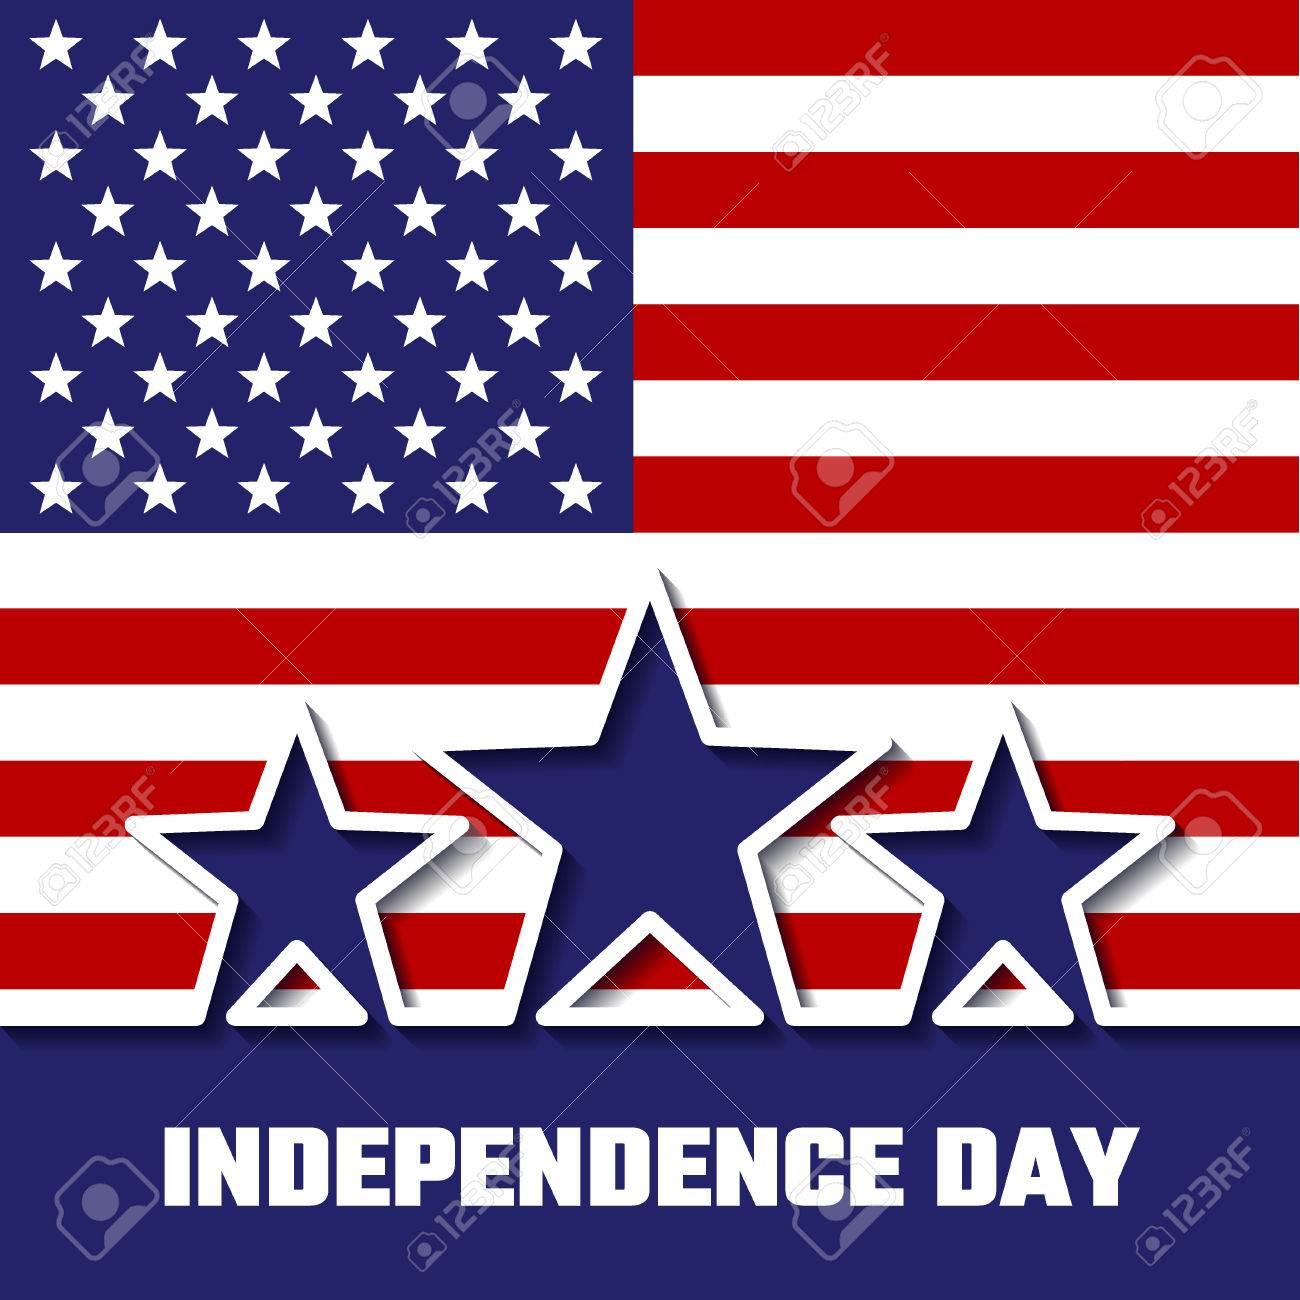 独立記念日のデザイン背景バナーのベクトルのイラストアメリカ休業